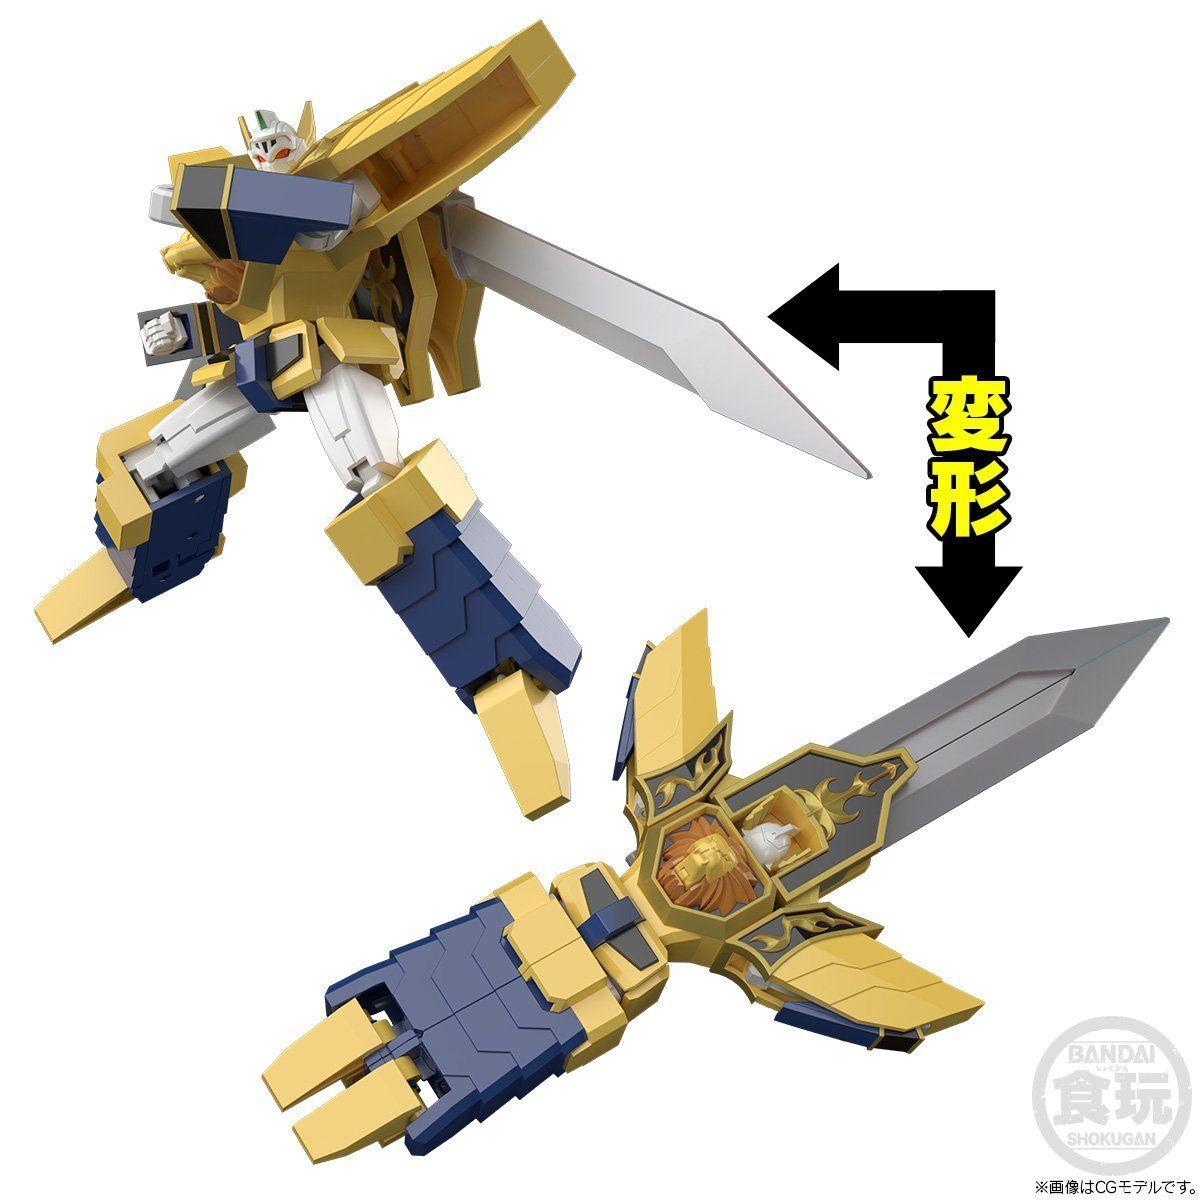 【食玩】スーパーミニプラ『勇者指令ダグオン2』勇者指令ダグオン 3個入りBOX-013